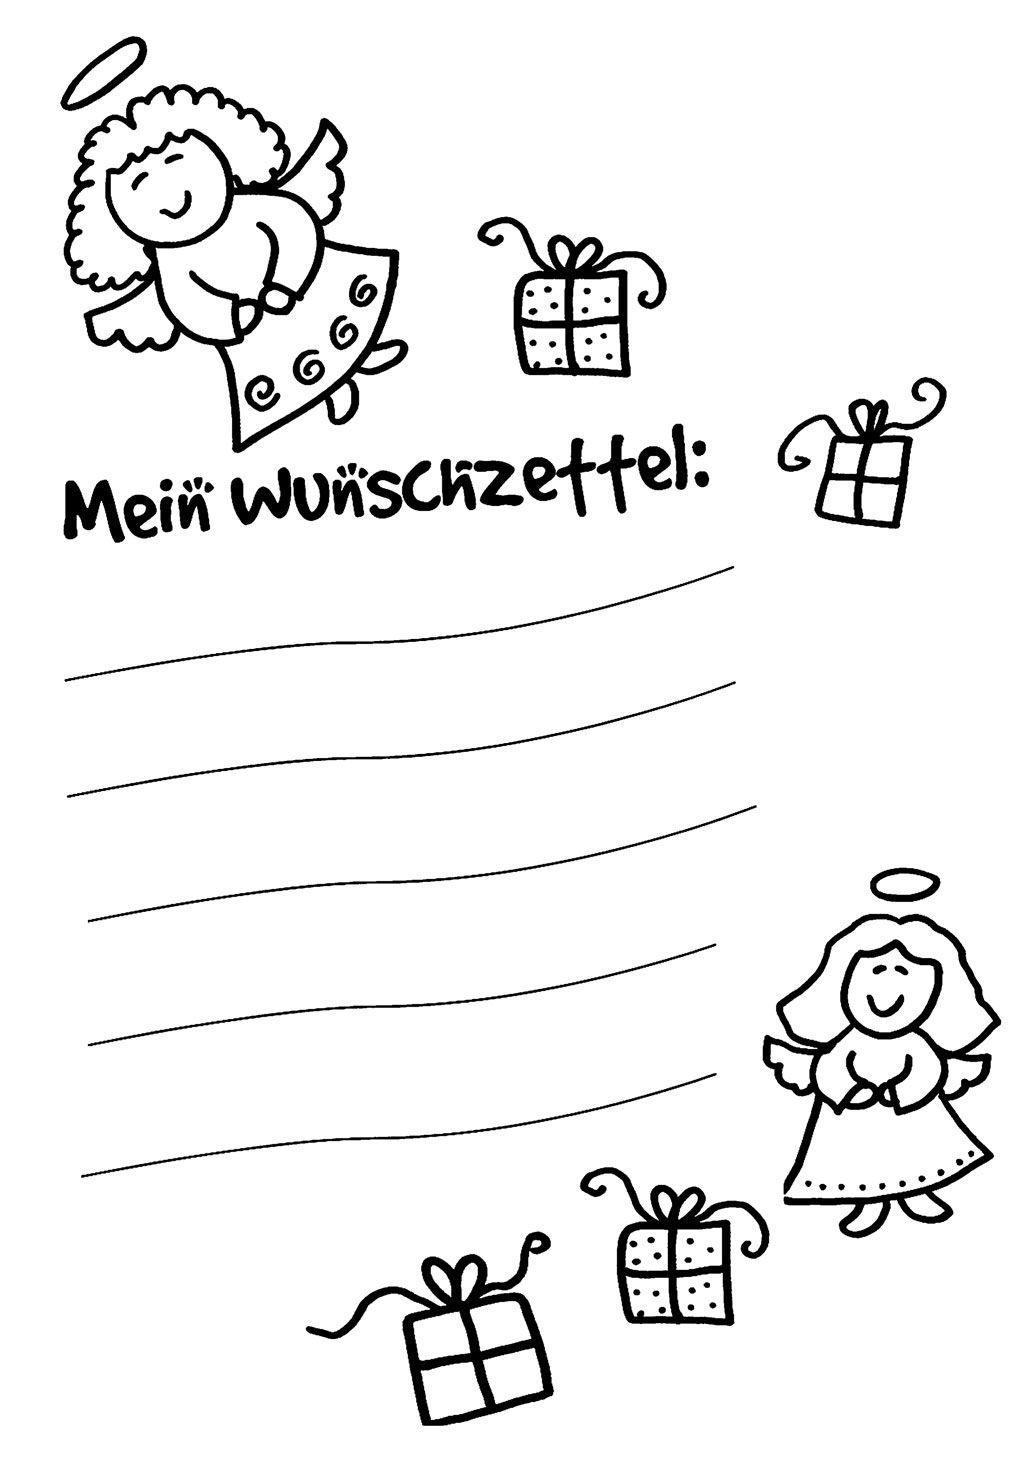 Kostenlose Ausmalbilder Und Malvorlagen: Wunschzettel Für in Weihnachtsbilder Zum Ausmalen Und Drucken